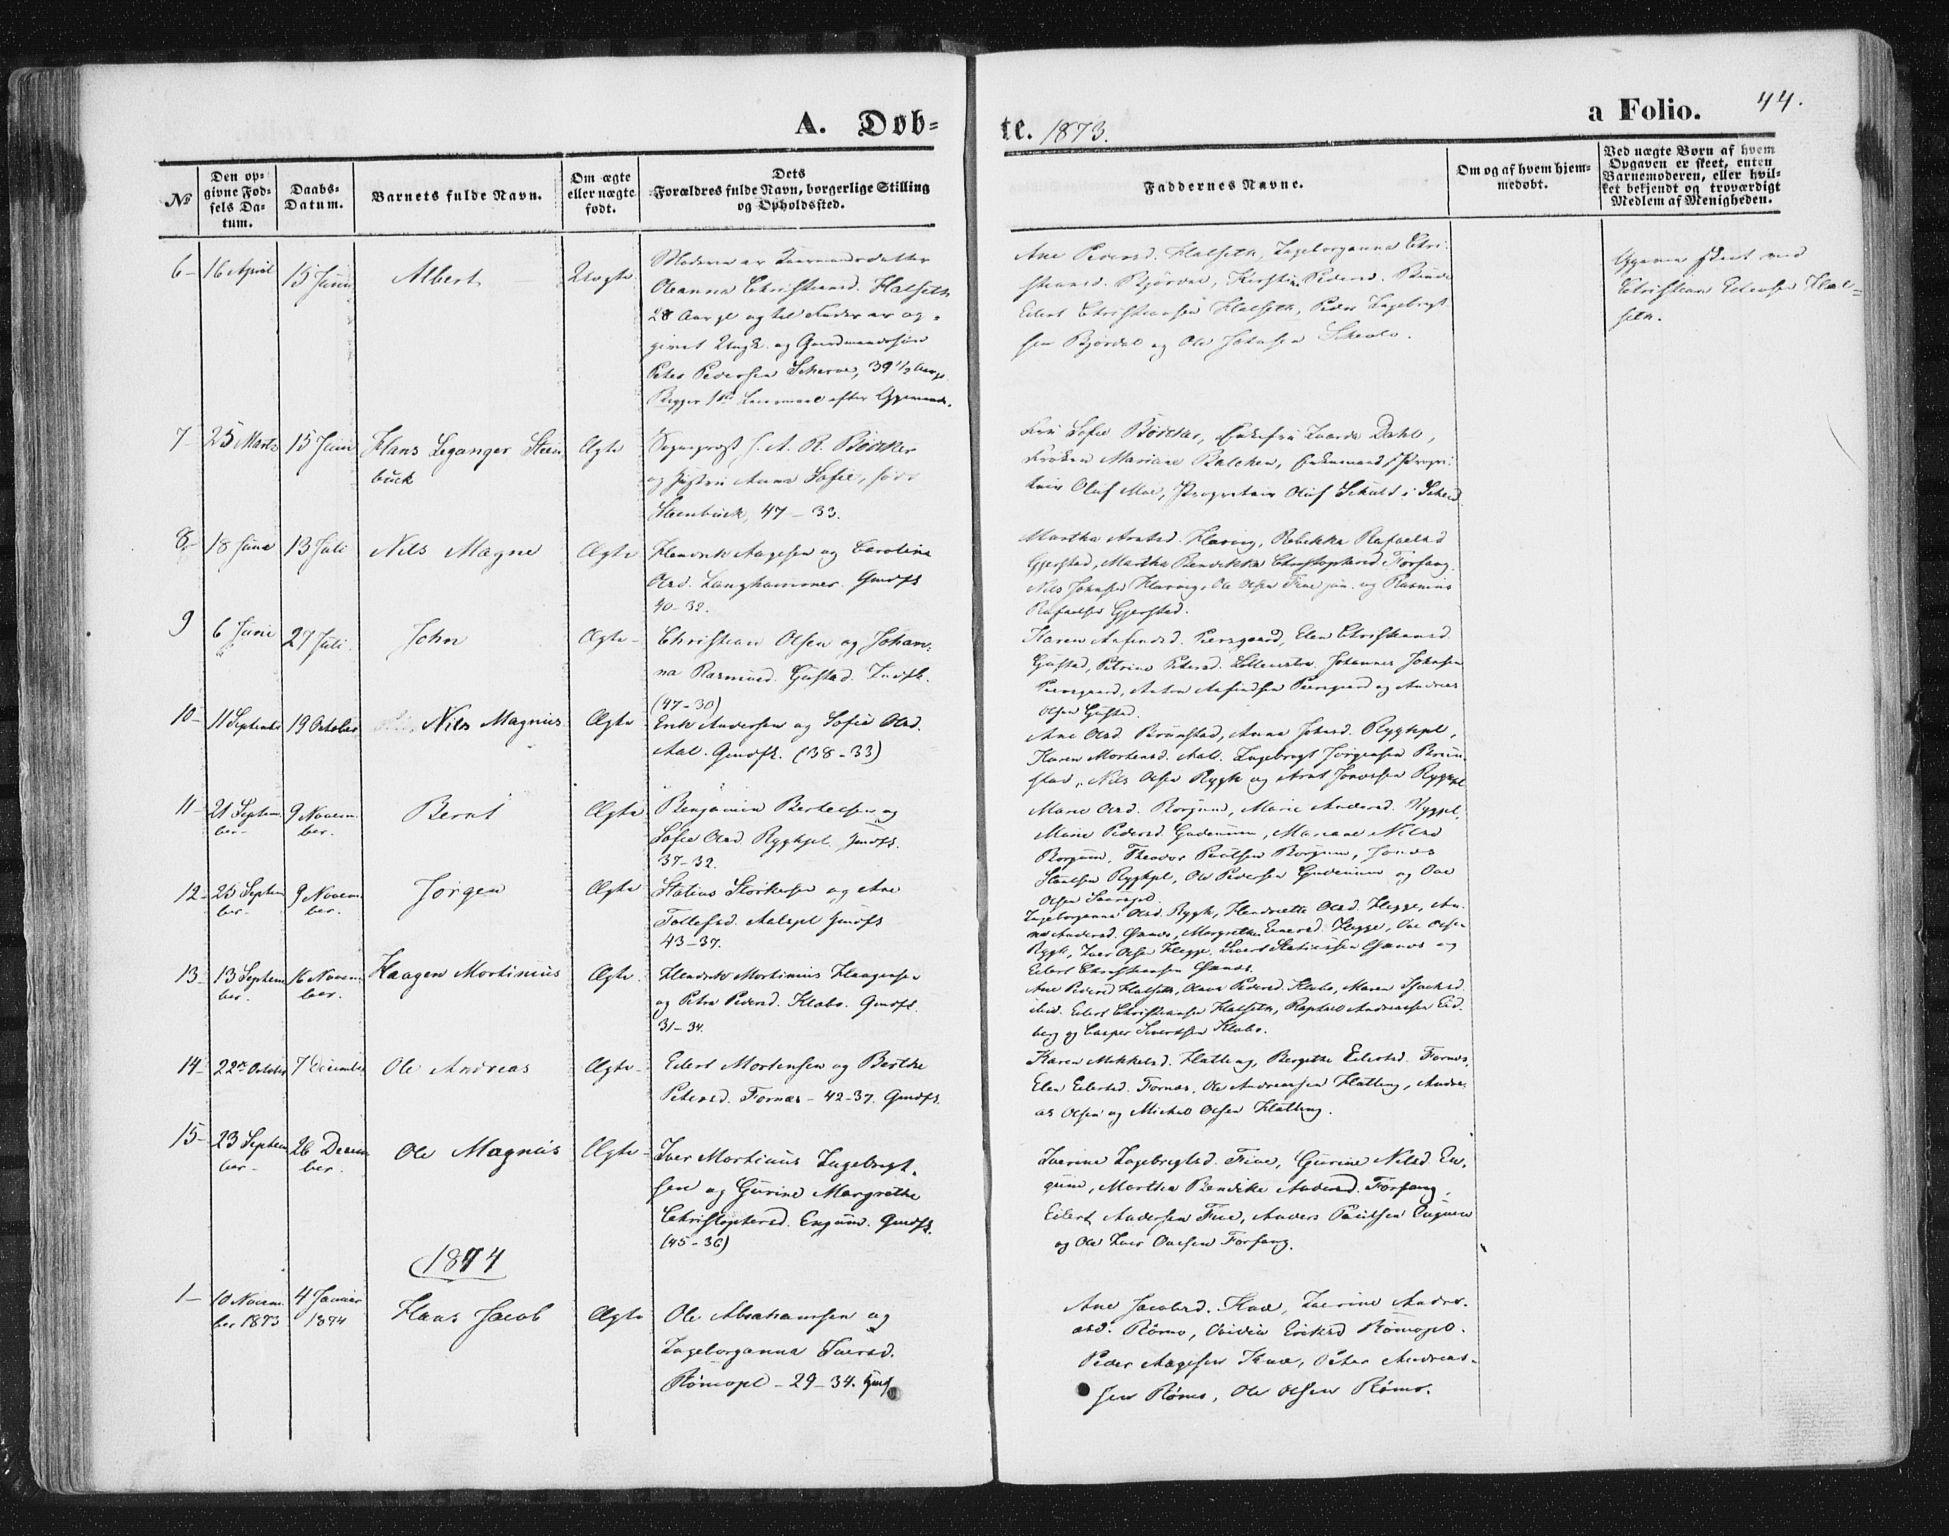 SAT, Ministerialprotokoller, klokkerbøker og fødselsregistre - Nord-Trøndelag, 746/L0447: Ministerialbok nr. 746A06, 1860-1877, s. 44